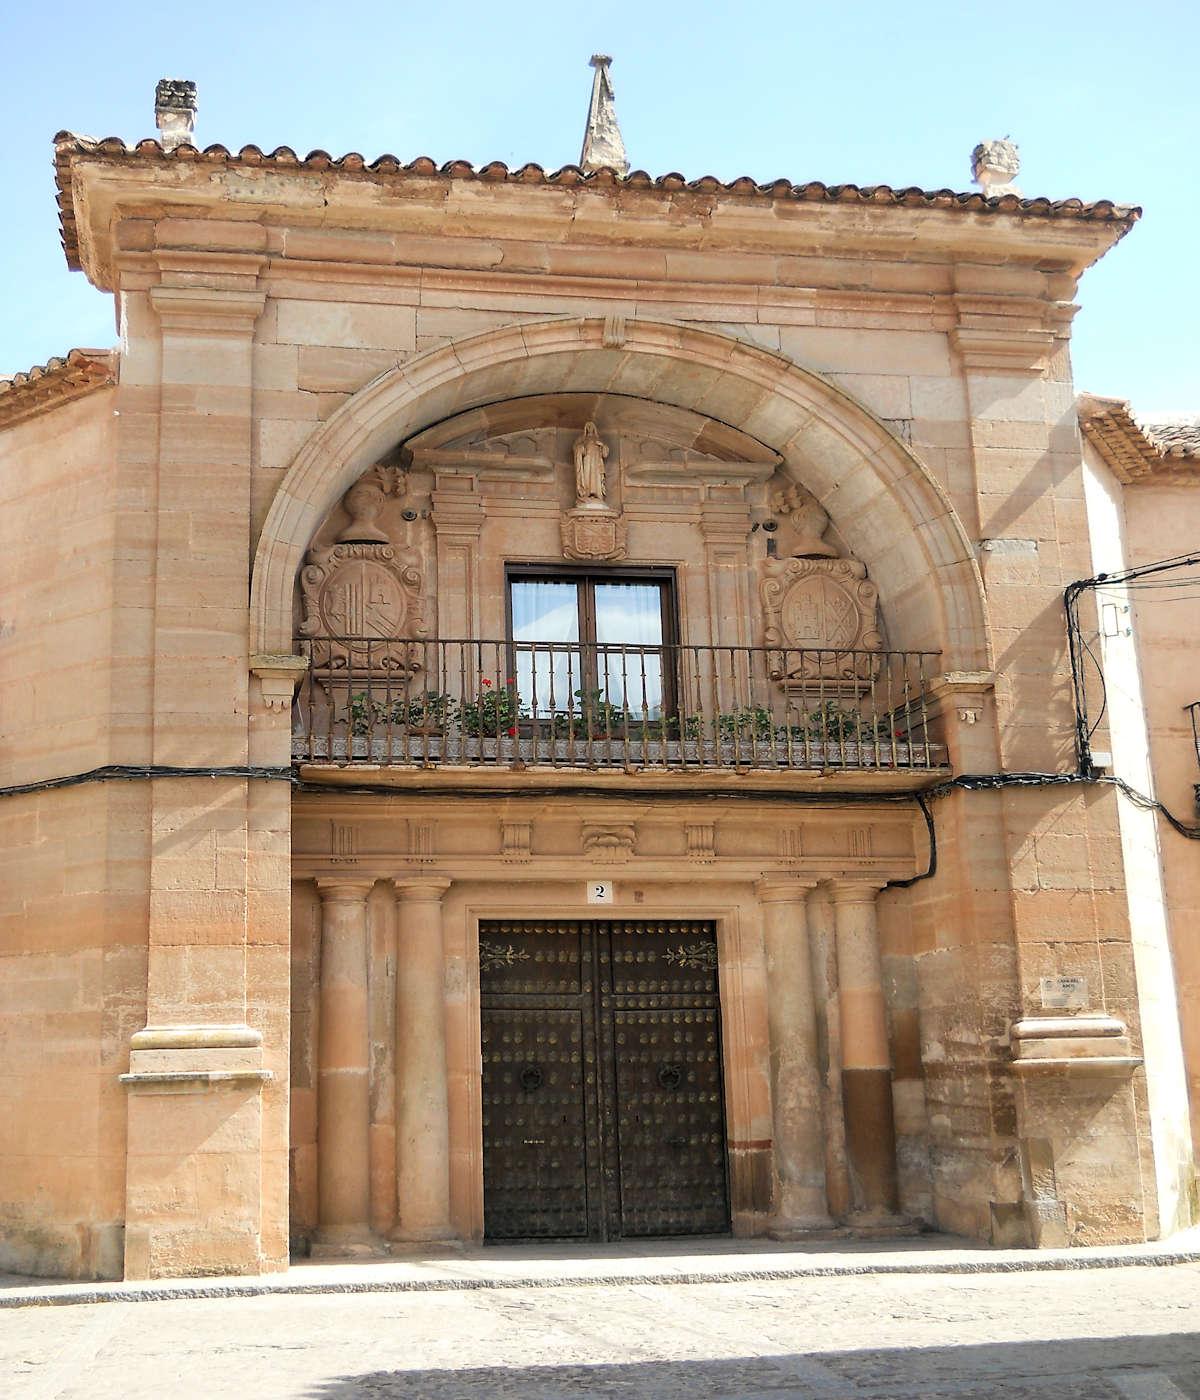 arquitectura-religiosa-en-villanueva-de-los-infantes-ciudad-real